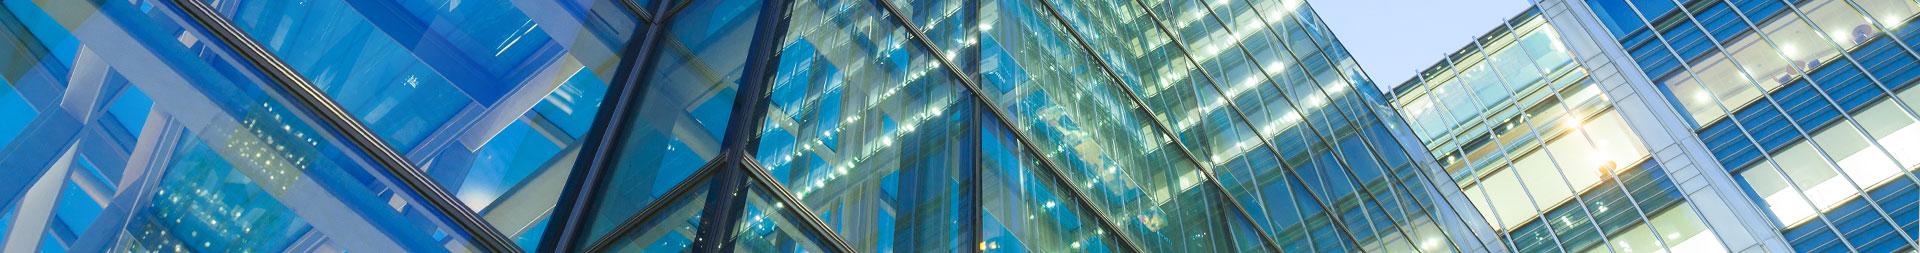 פתרונות זכוכית מתקדמים לעסקים - אחים פרץ ר.א.י